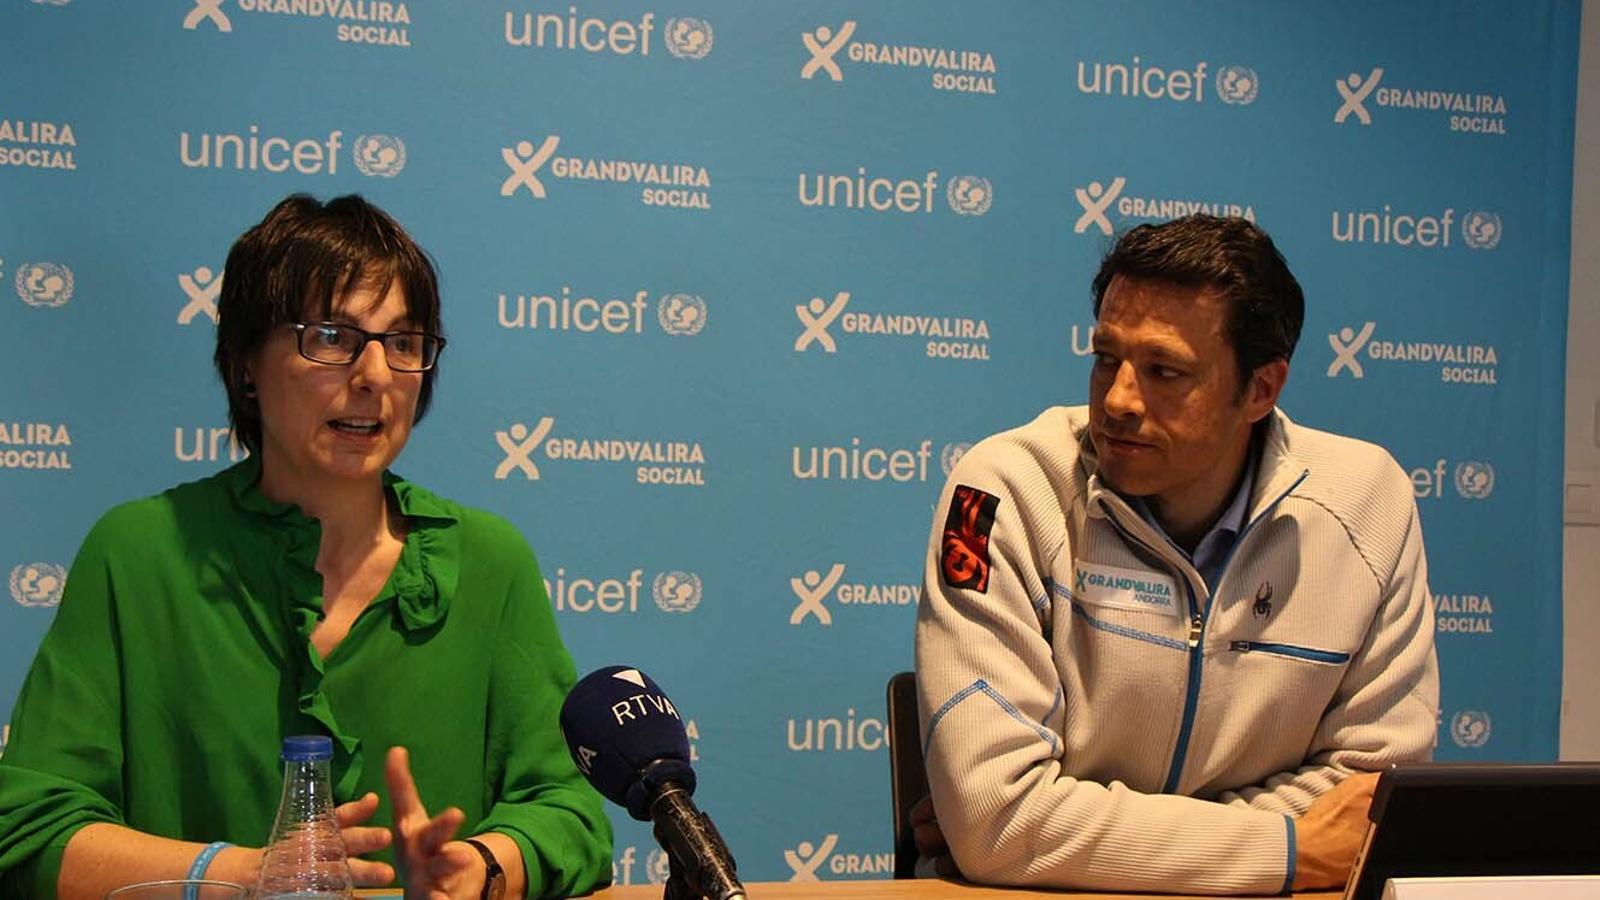 a directora d'Unicef Andorra, Marta Alberch, i el director de Grandvalira-Nevasa, Adolfo Torreño, durant la roda de premsa d'aquest dijous. / B. N.